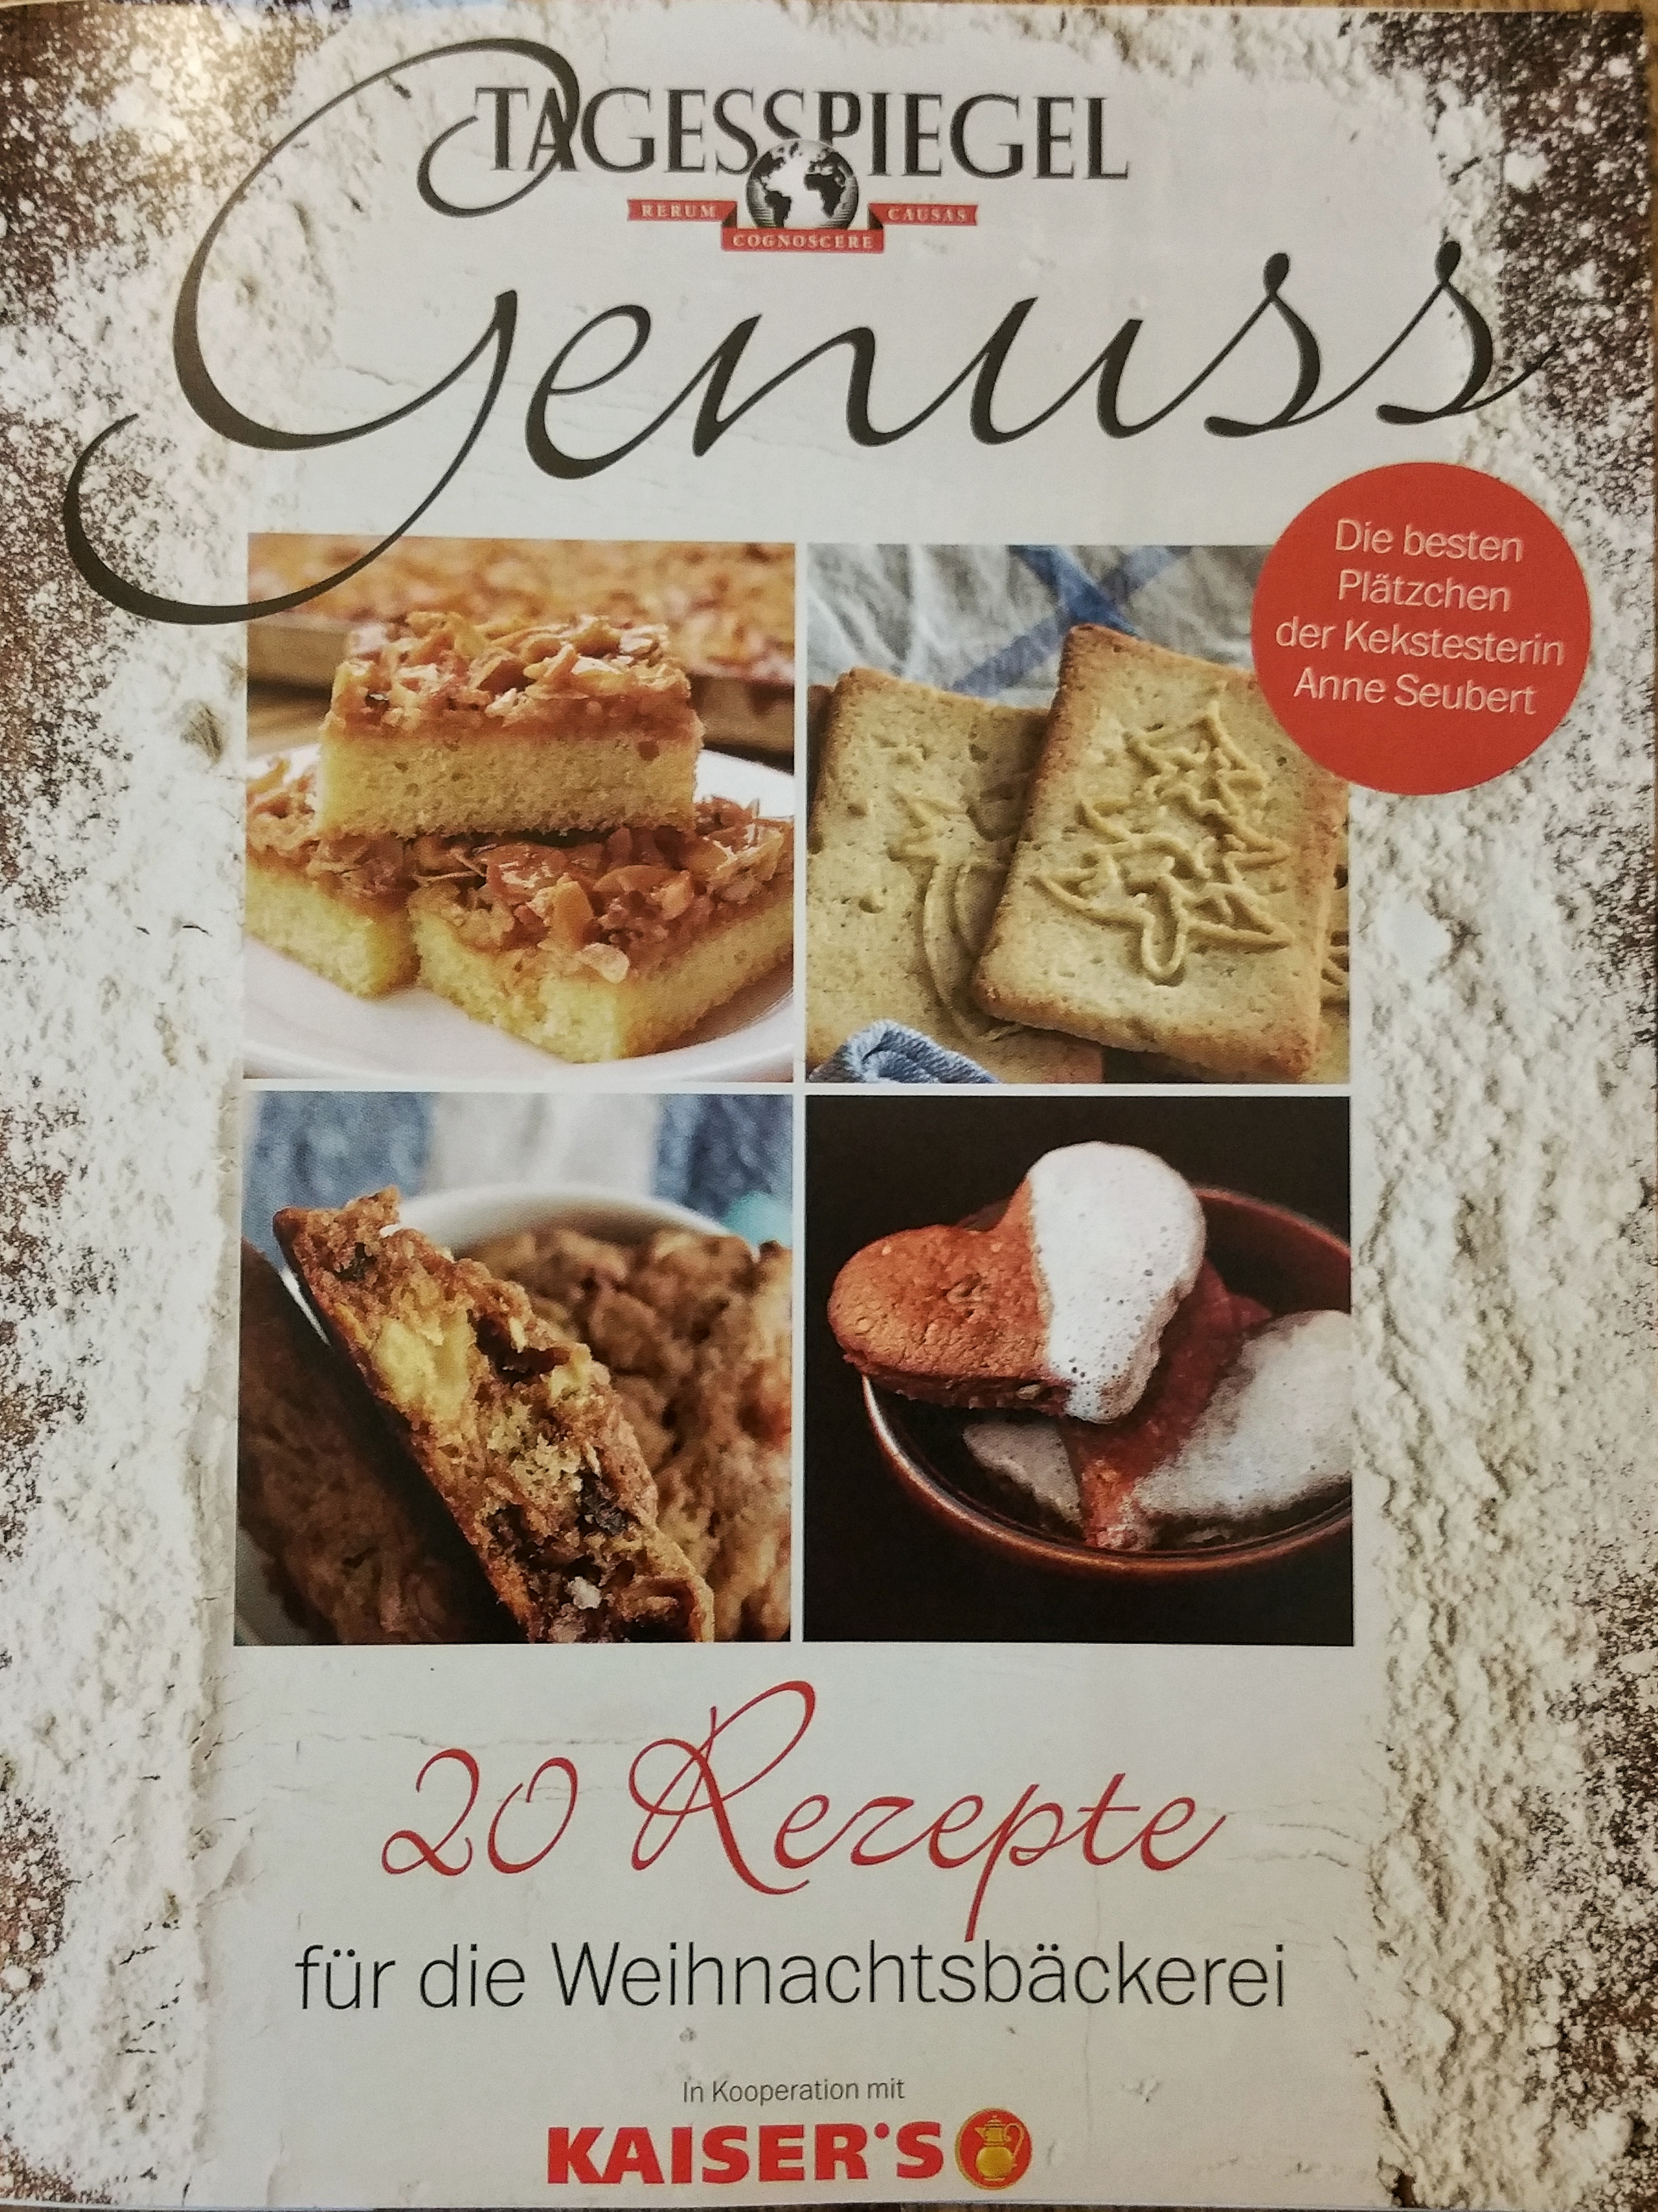 Tagesspiegel Genuss Spezial: 20 Rezepte der Kekstesterin für die Weihnachtsbäckerei